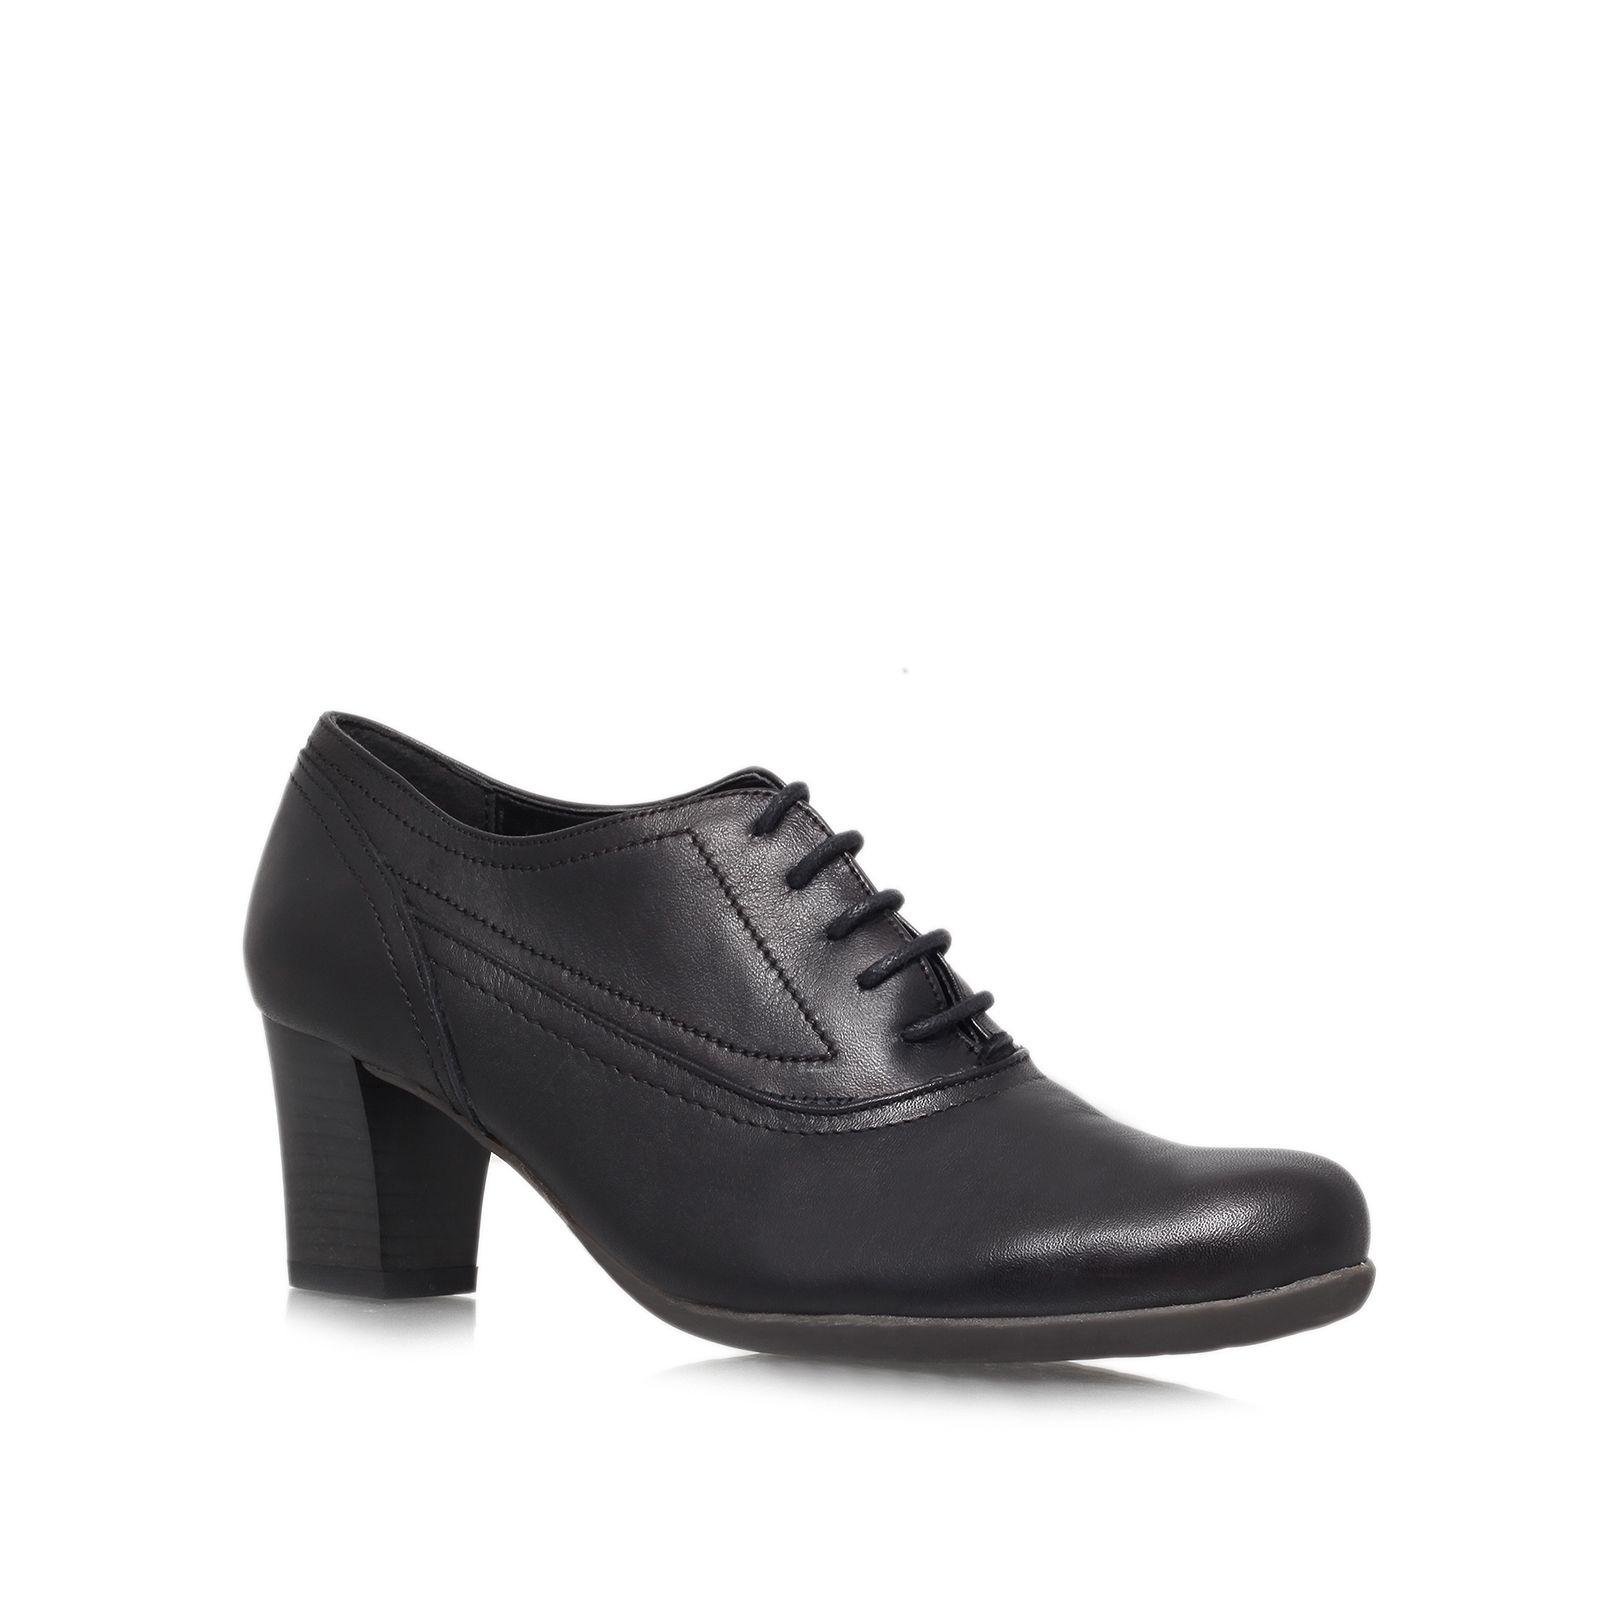 Carvela Kurt Geiger Andrea Mid Heeled Court Shoes In Black